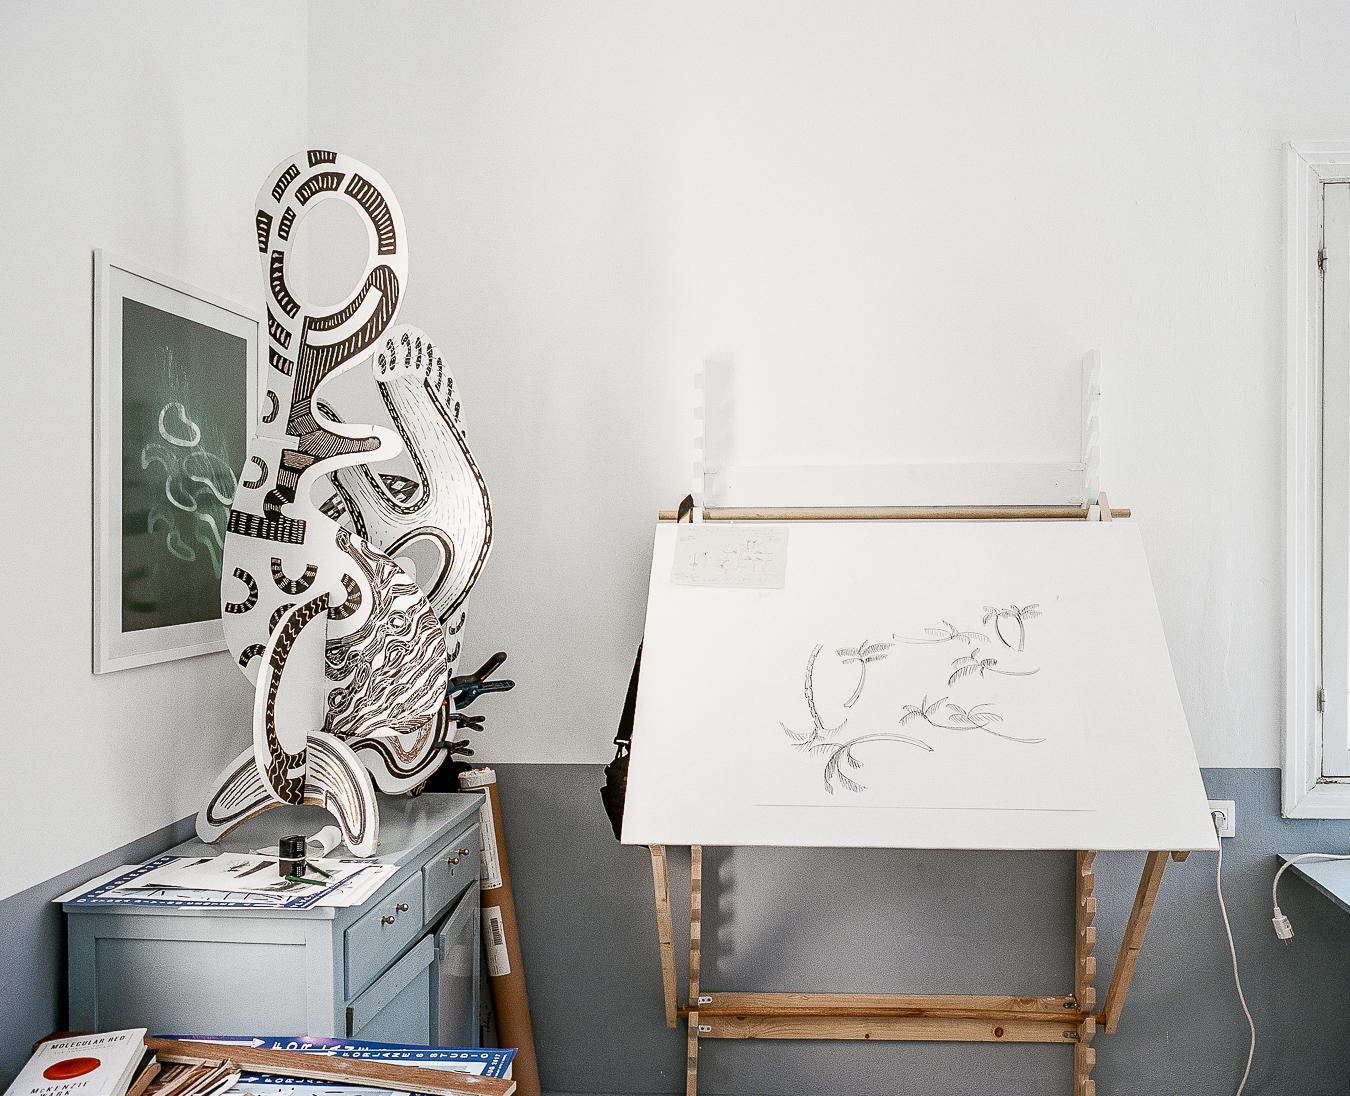 Site Visit: Forlane 6 Studio - ARTVISIT ............